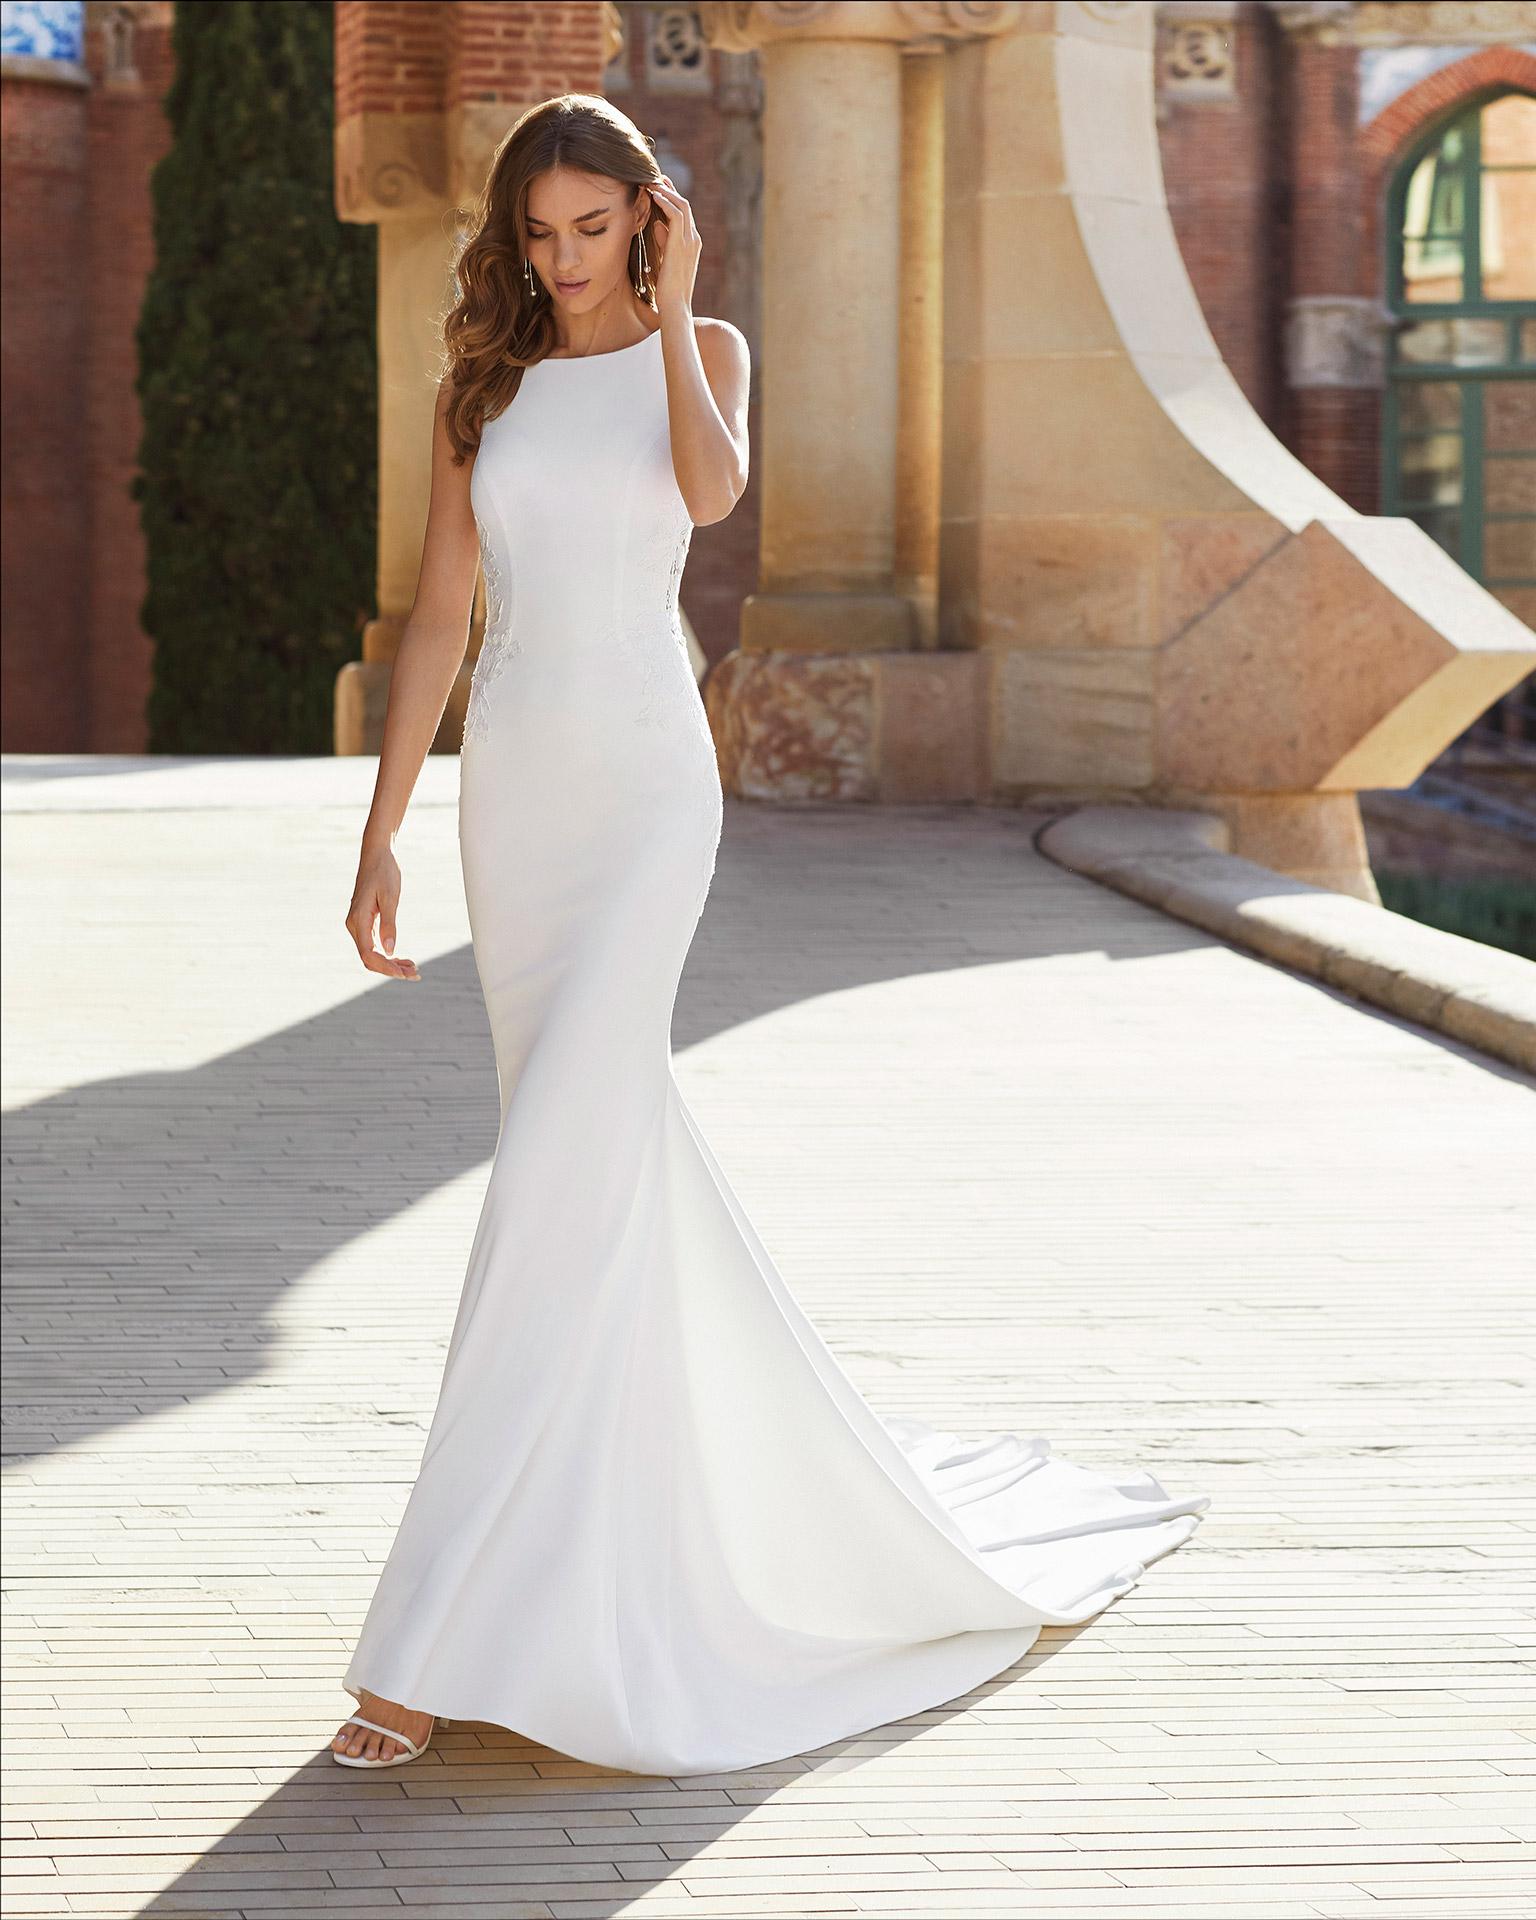 Vestido de novia corte sirena de crep elástico, encaje y pedrería. Escote barco y espalda escotada con transparencias en costados. Colección  2021.